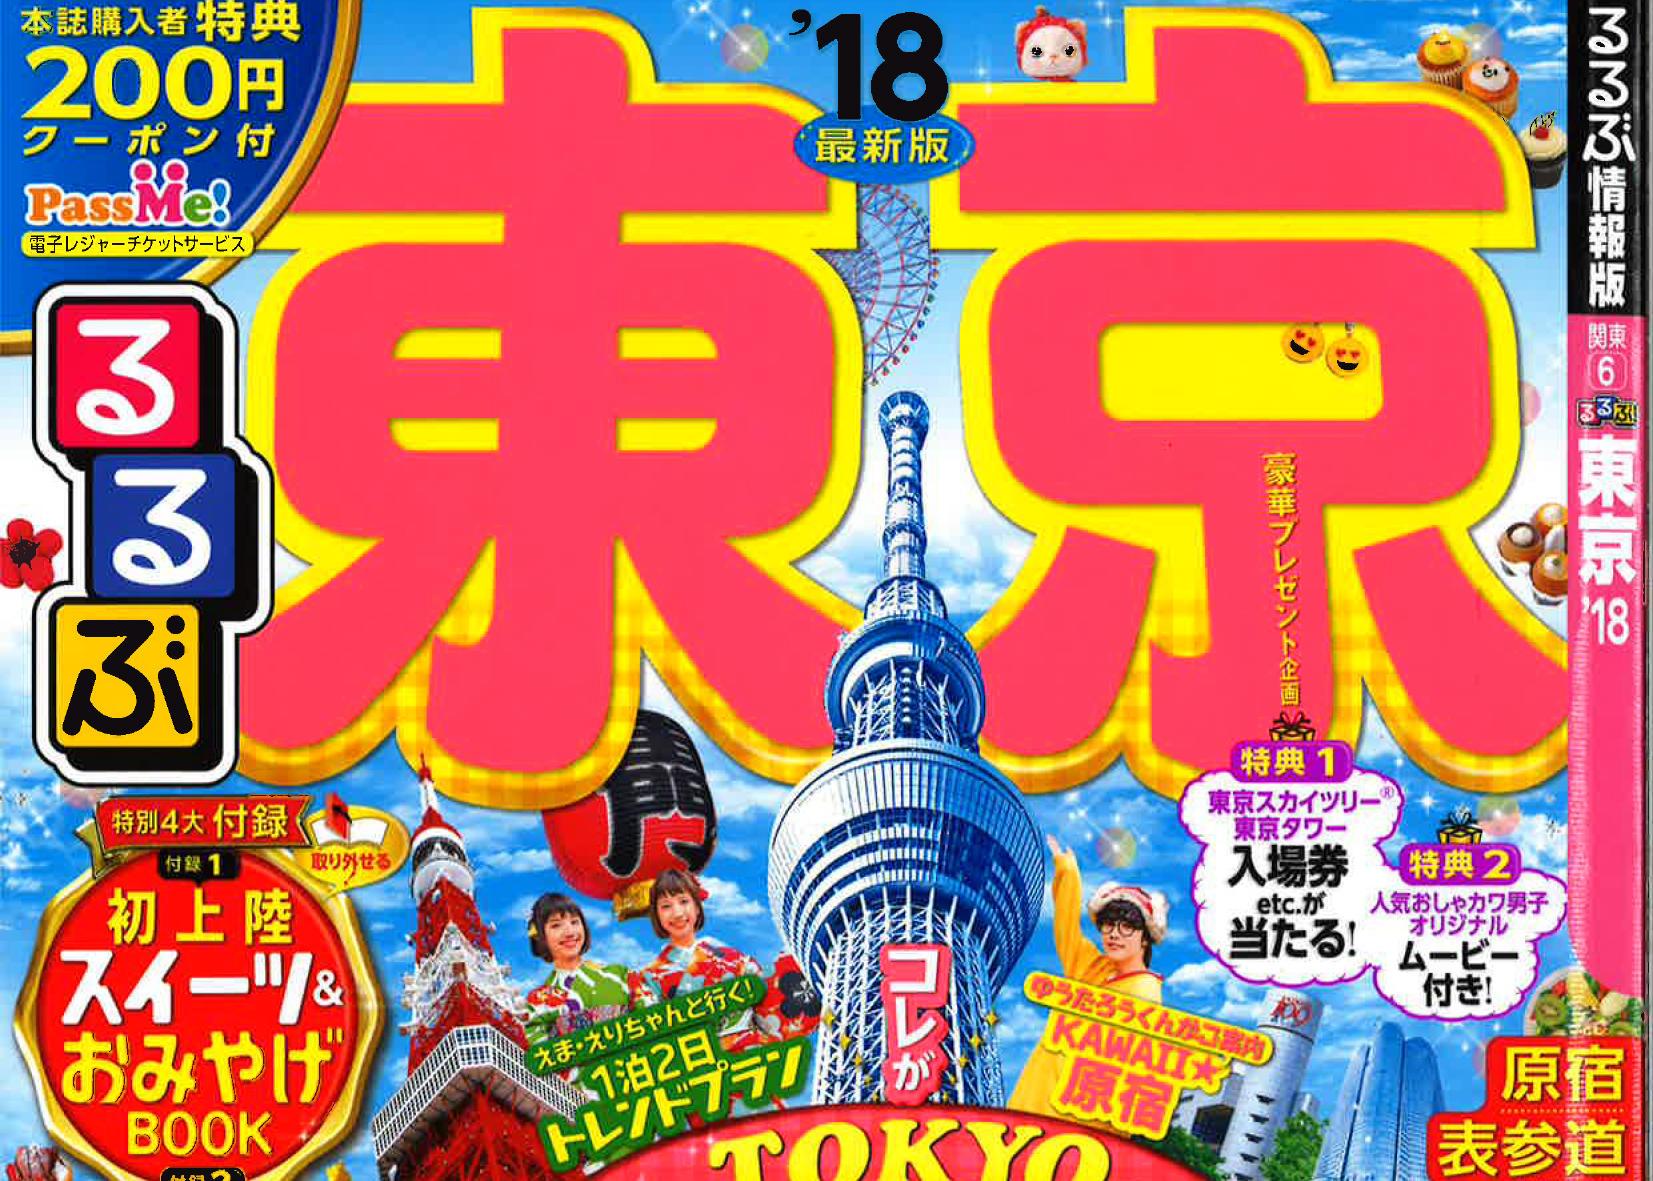 『るるぶ東京'18』掲載